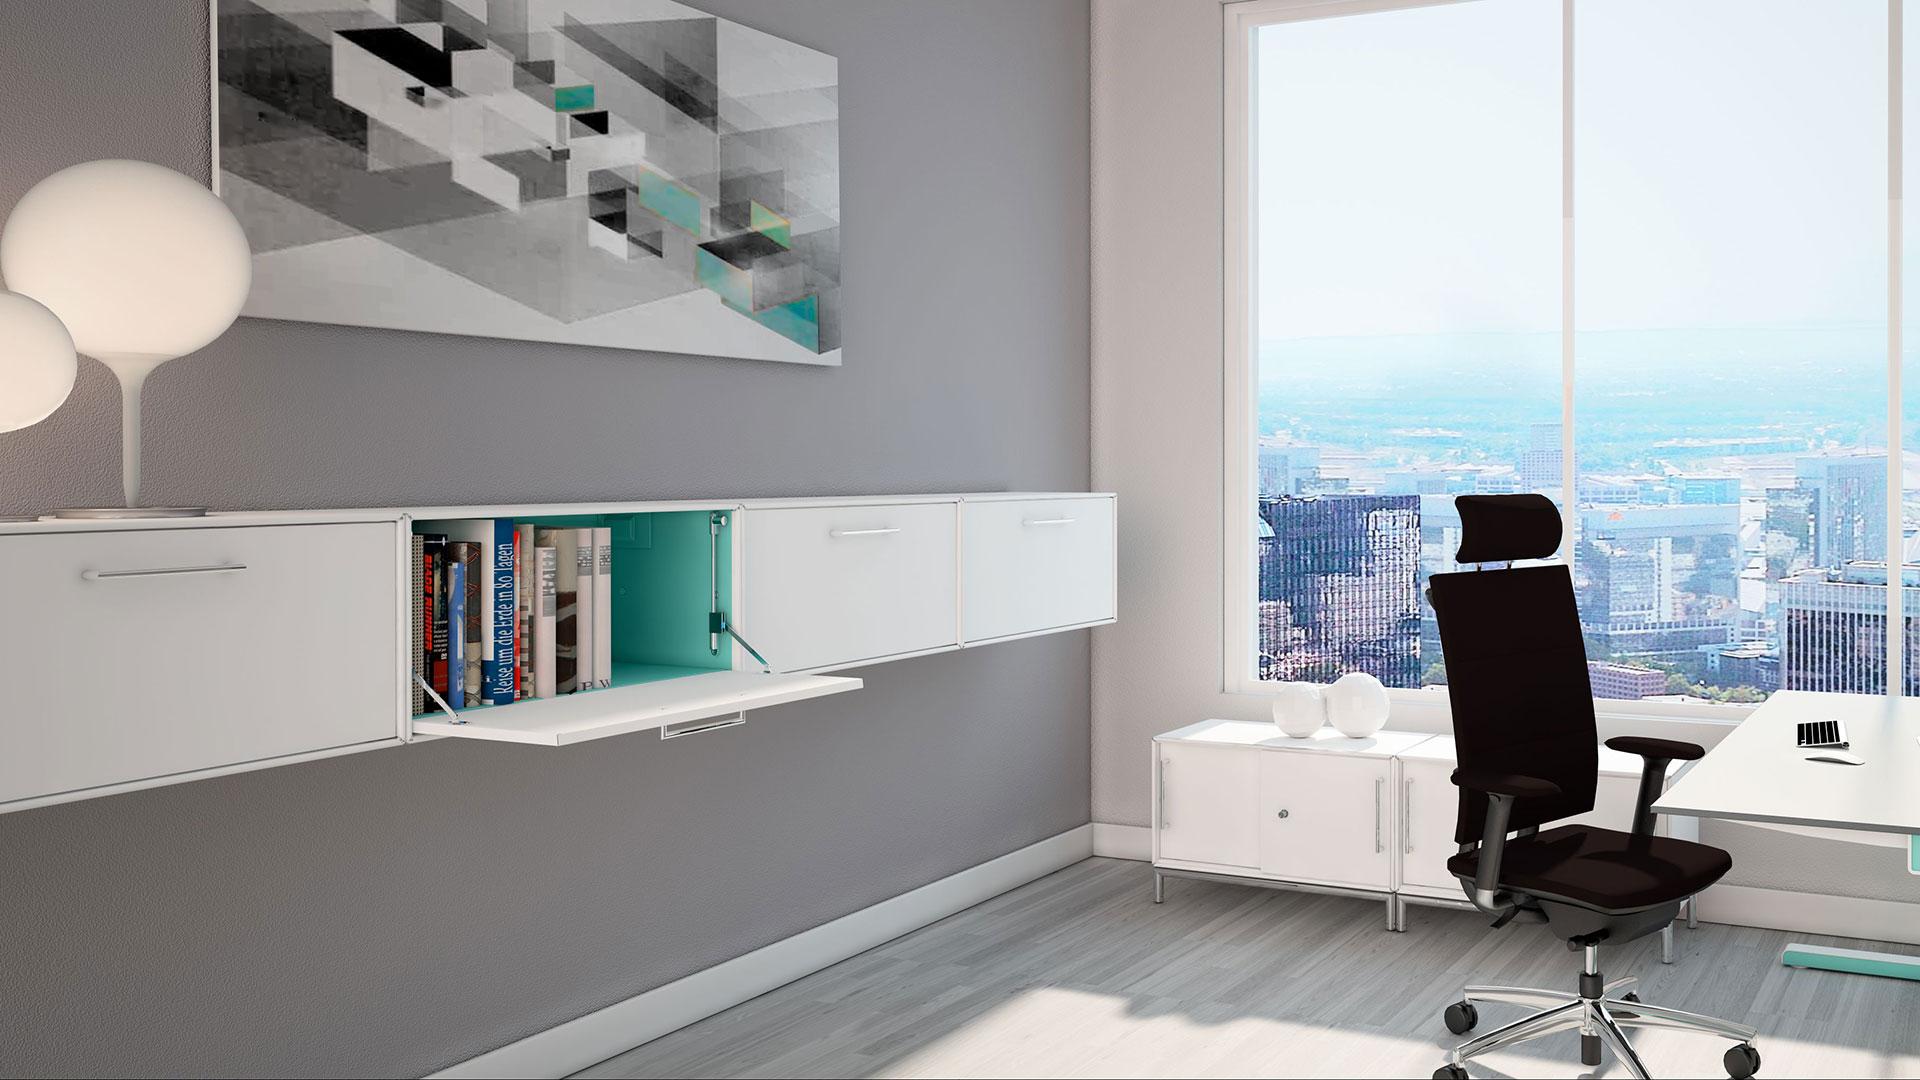 Design-Moebel-Einzelbuero-Wandboard-element-x-mauser-16-9